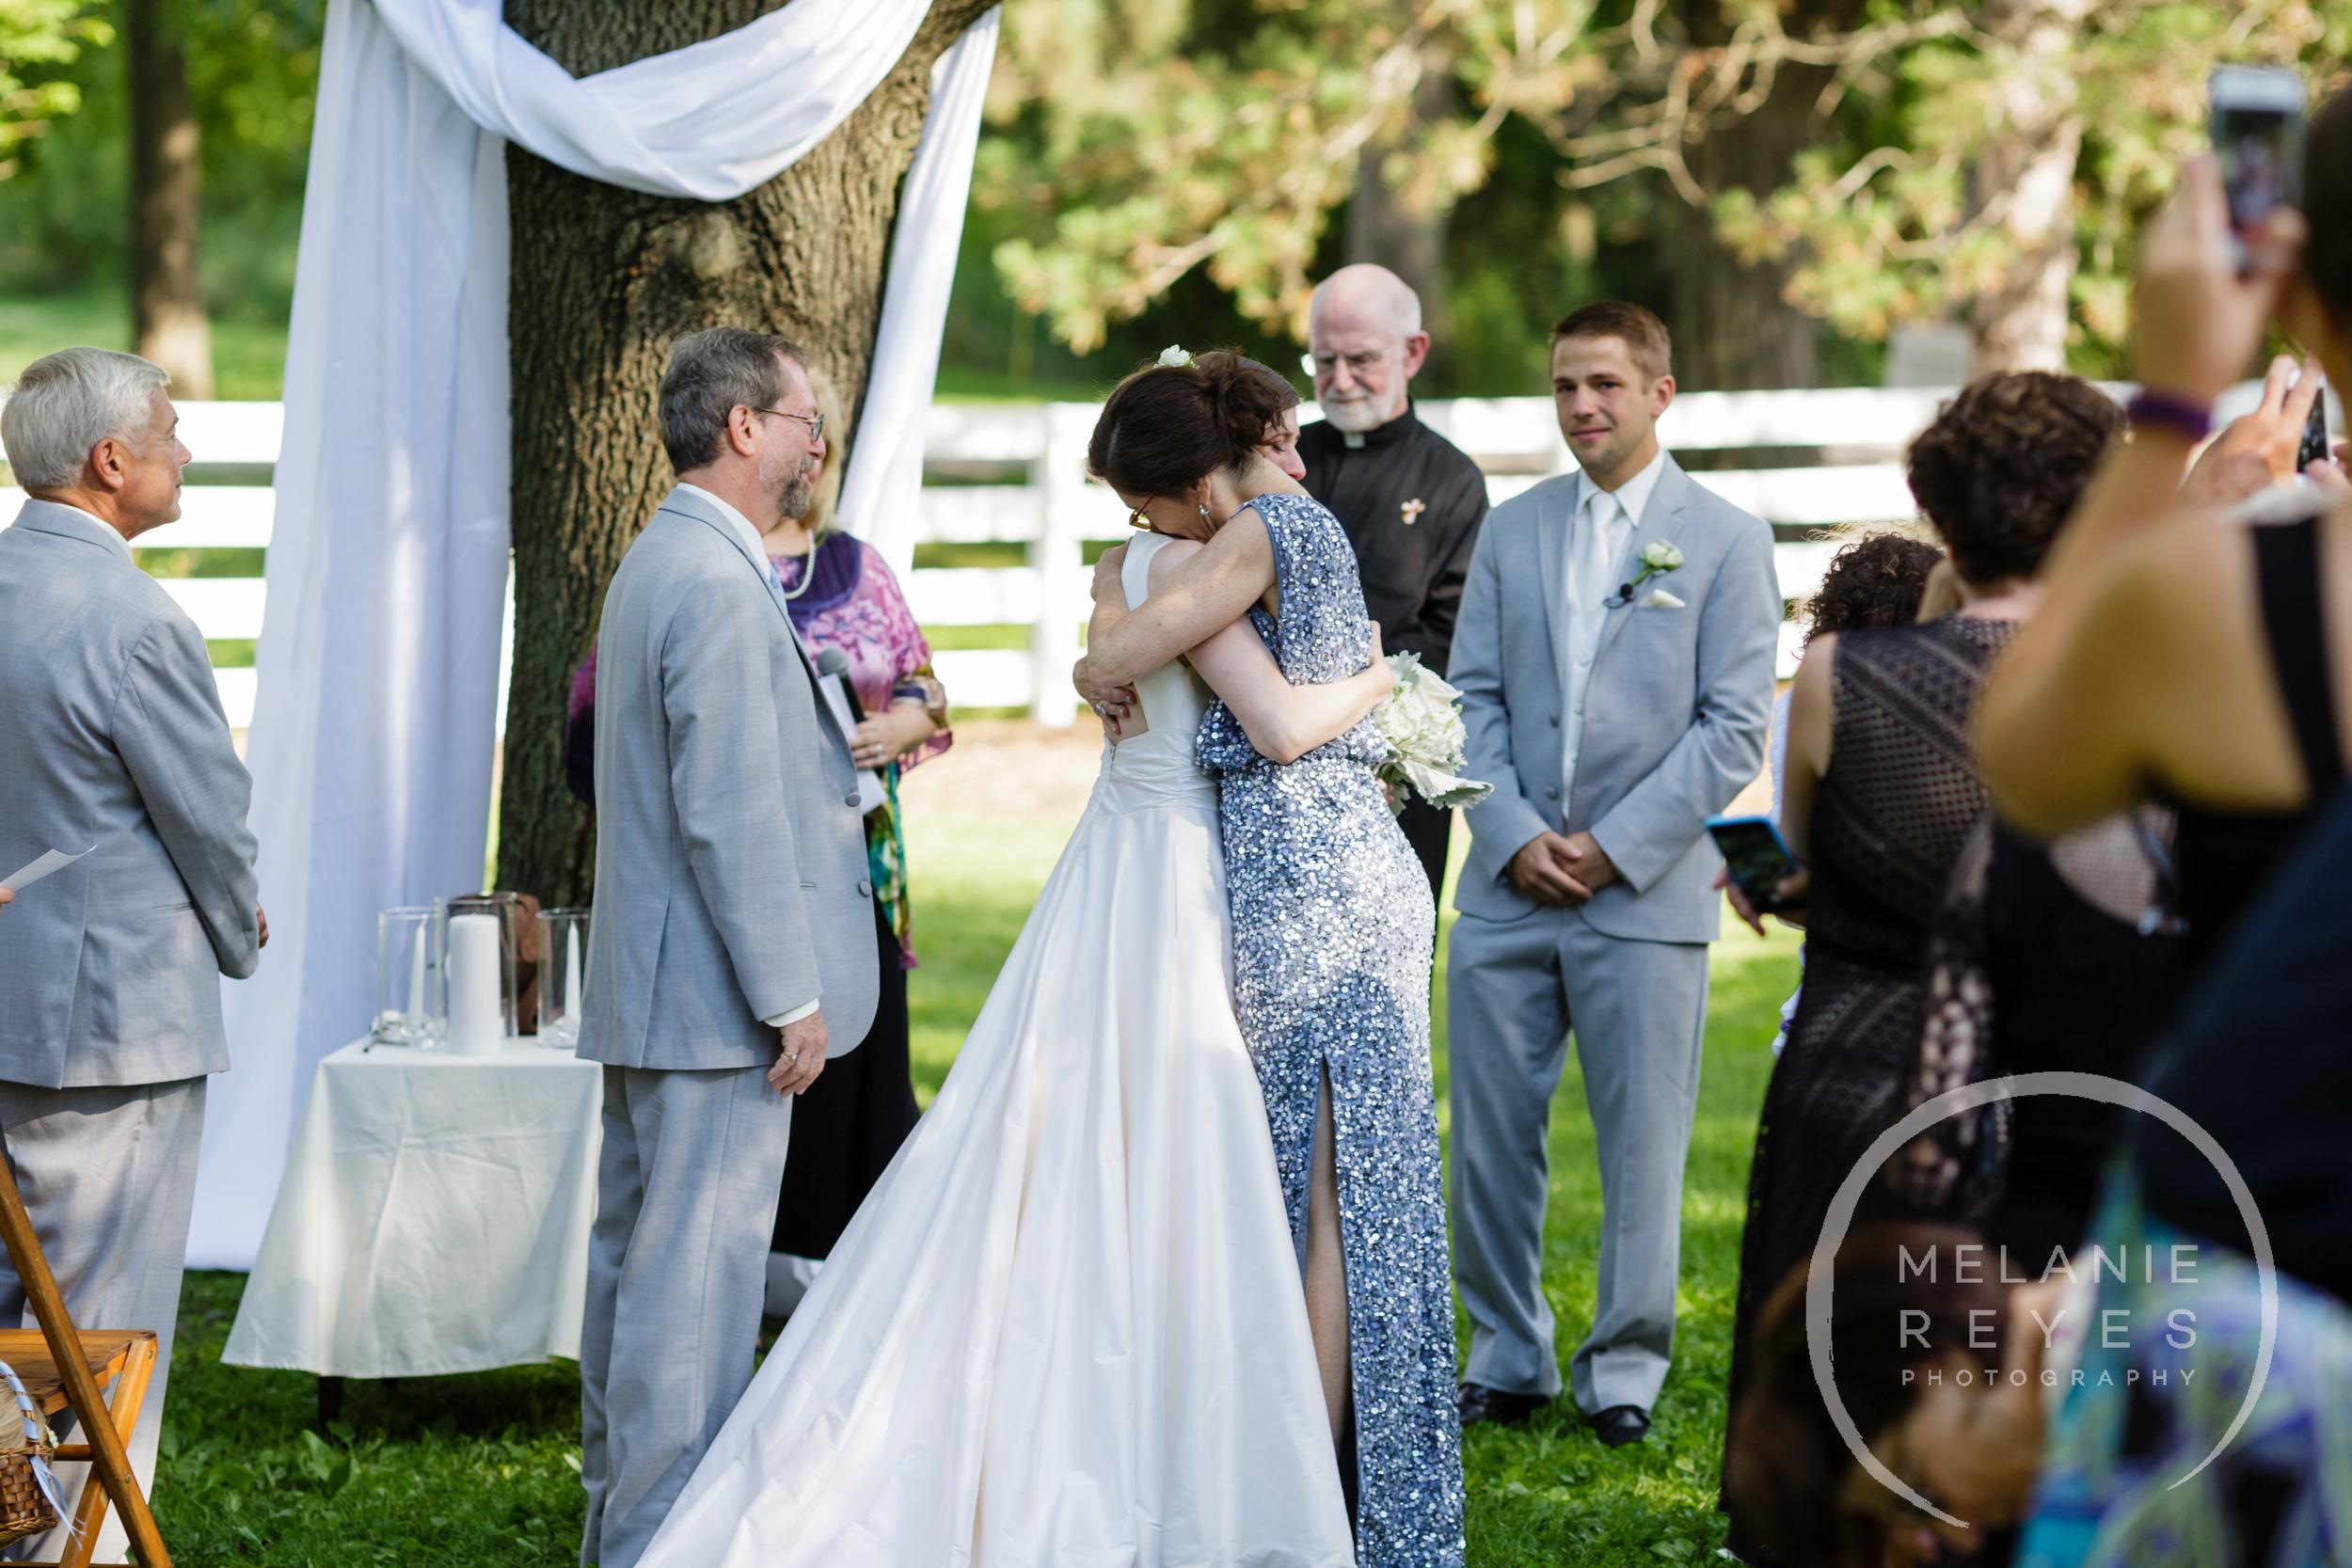 043_farm_wedding_melanie_reyes.JPG